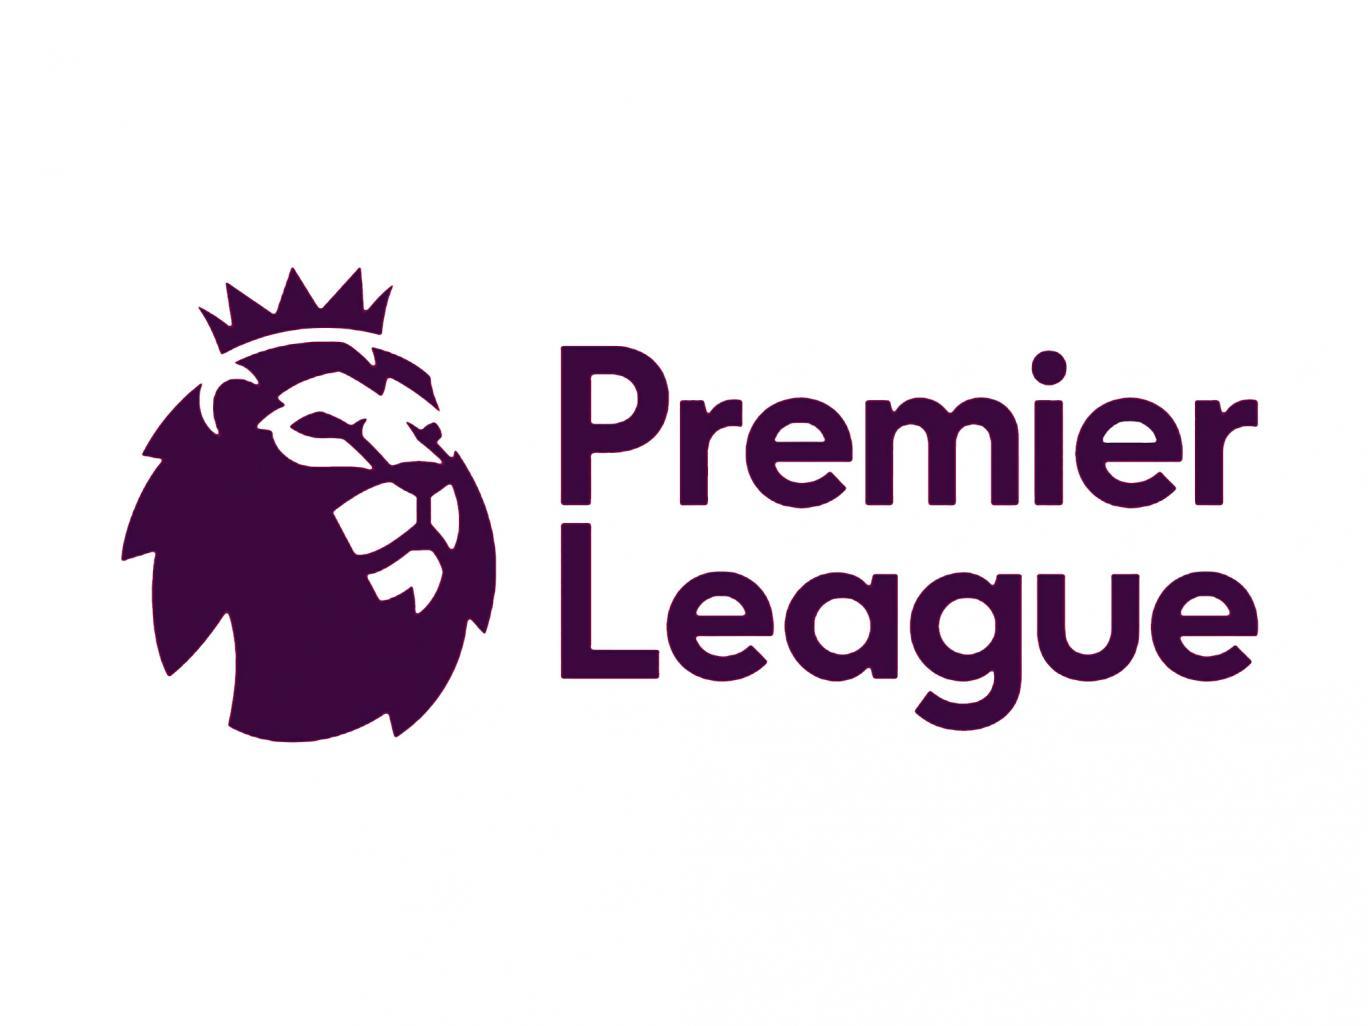 Il nuovo logo della Premier League - FOTO: account ufficiale Twitter Premier League